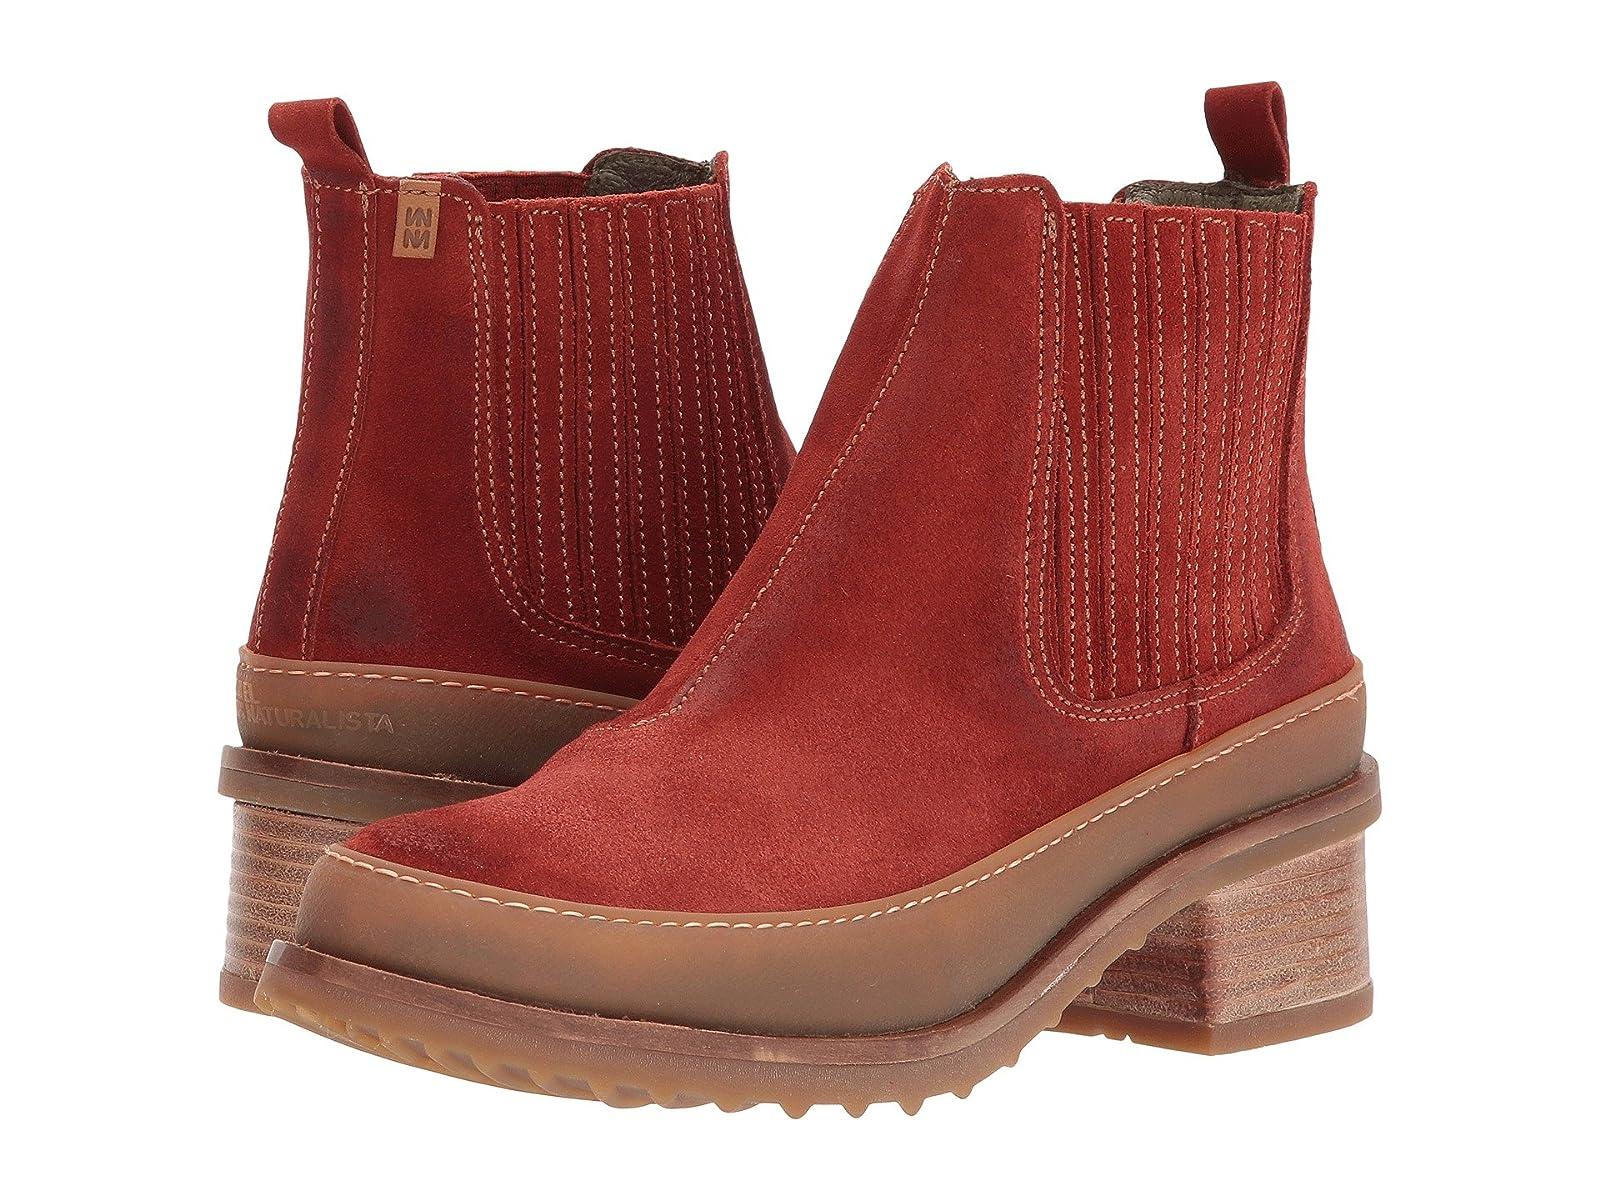 El Naturalista Kentia N5121Affordable and distinctive shoes